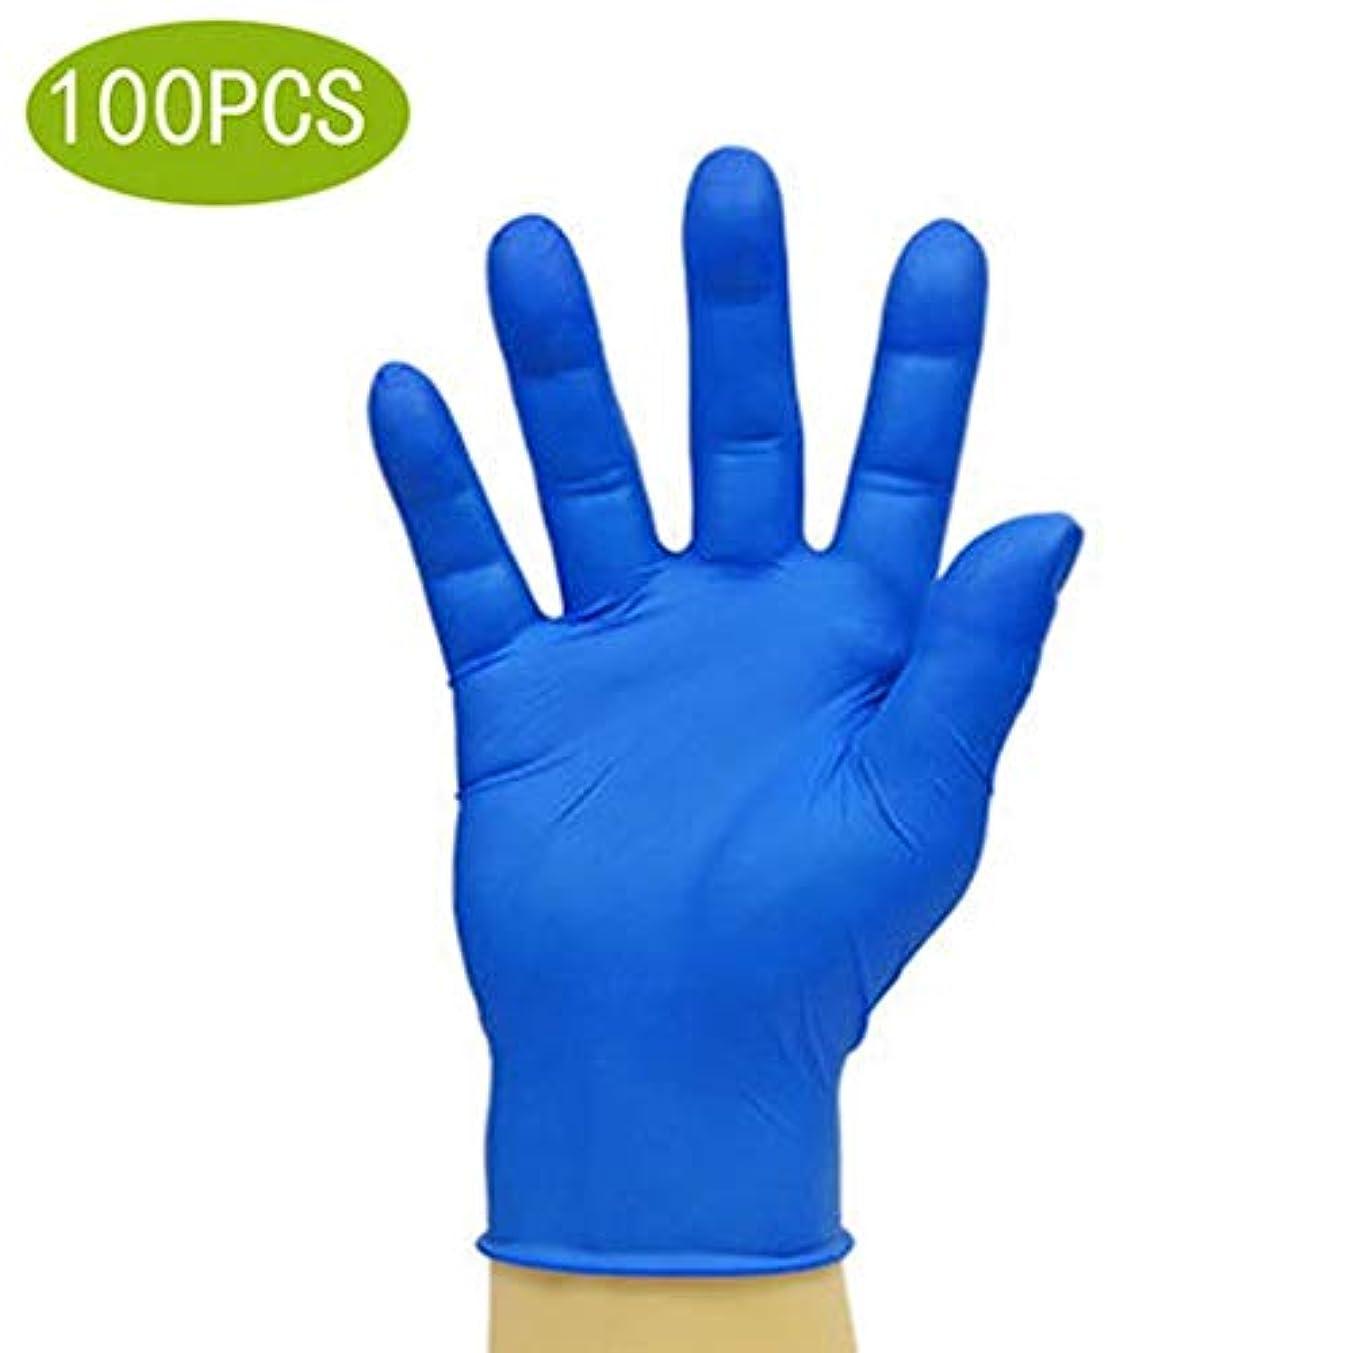 可能にする指紋メタン家庭用品使い捨て手袋ニトリル試験手袋医療用グレードパウダーフリー非S-L、インディゴ、ラージ、100カウント (Size : S)